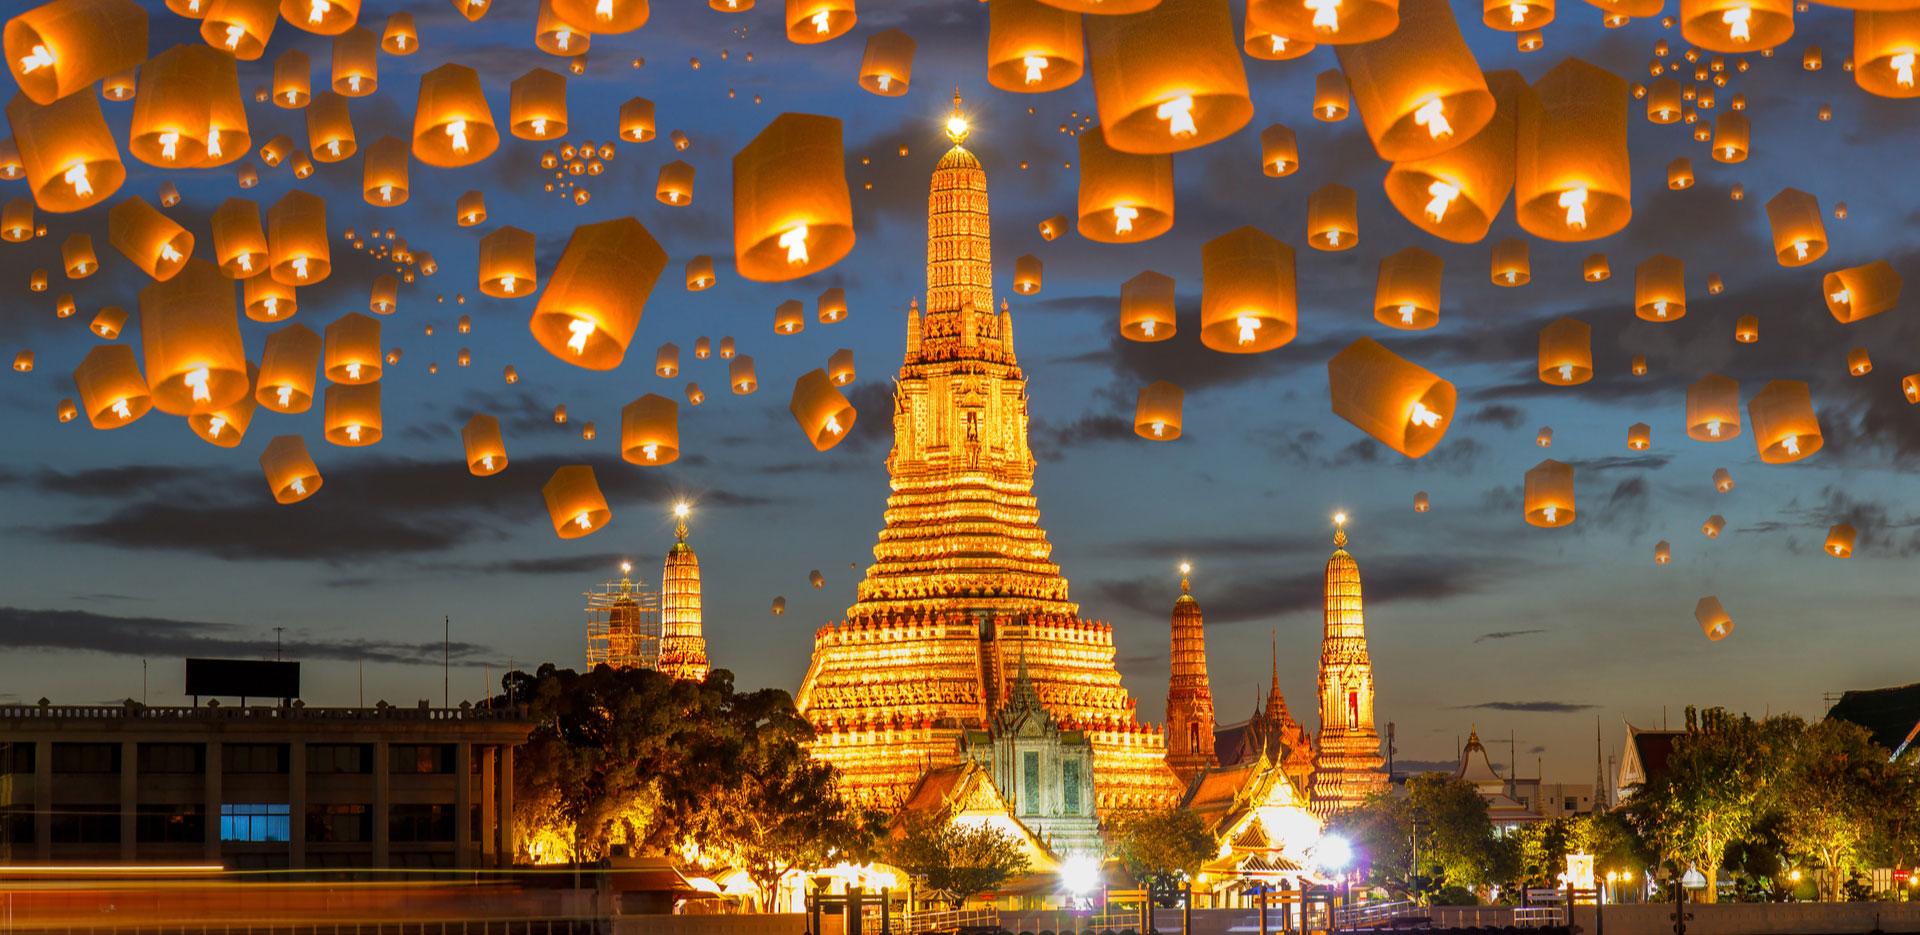 Bangkok Tourism - Top Places to Shop